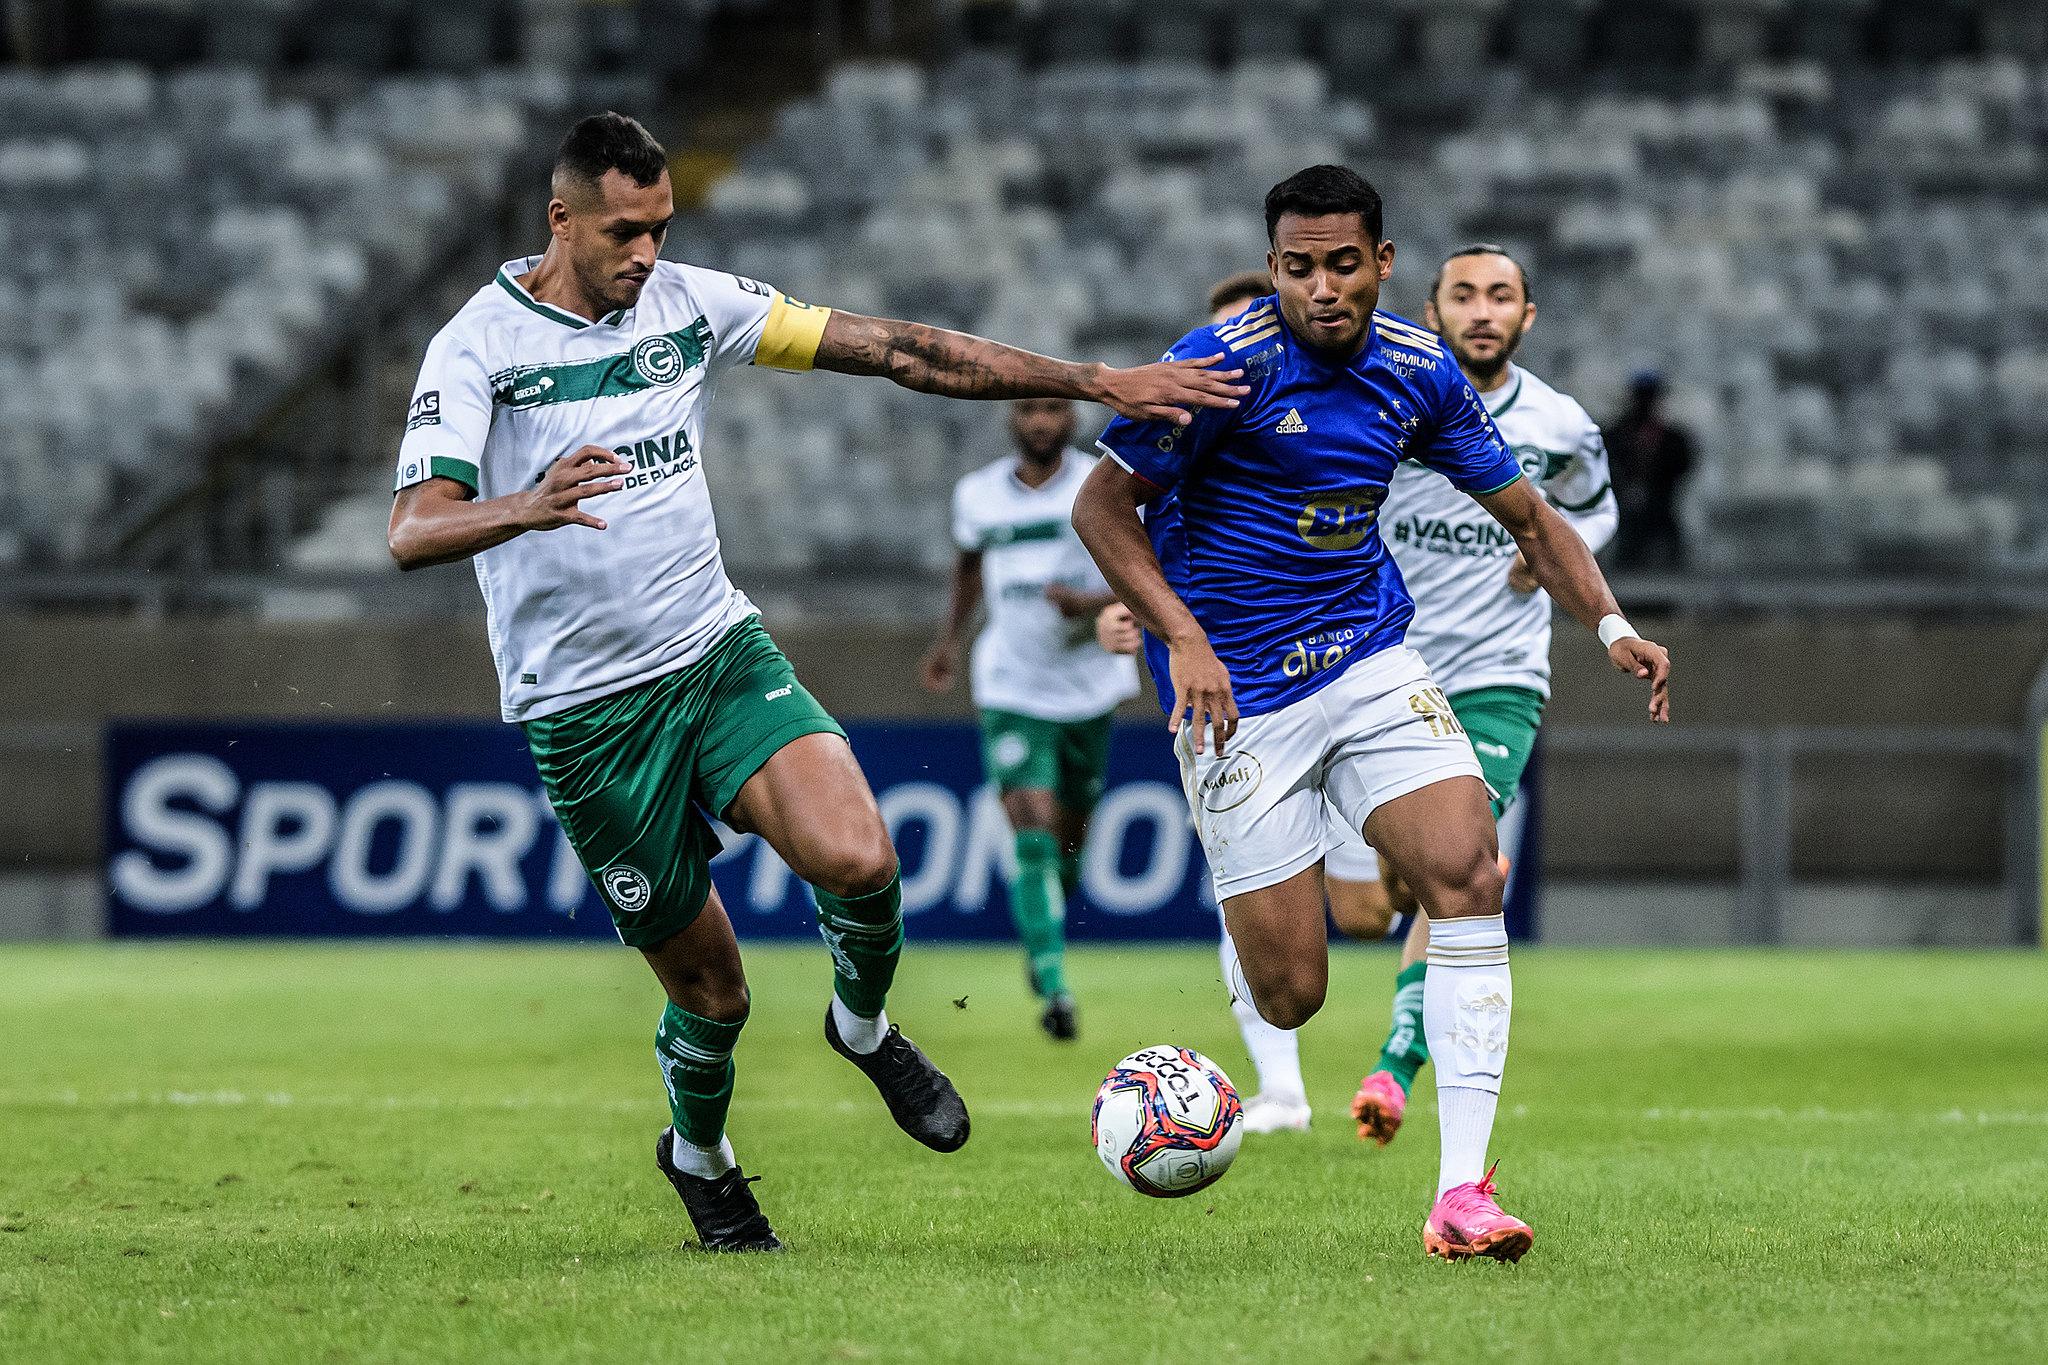 Goiás x Cruzeiro: prováveis escalações e onde assistir